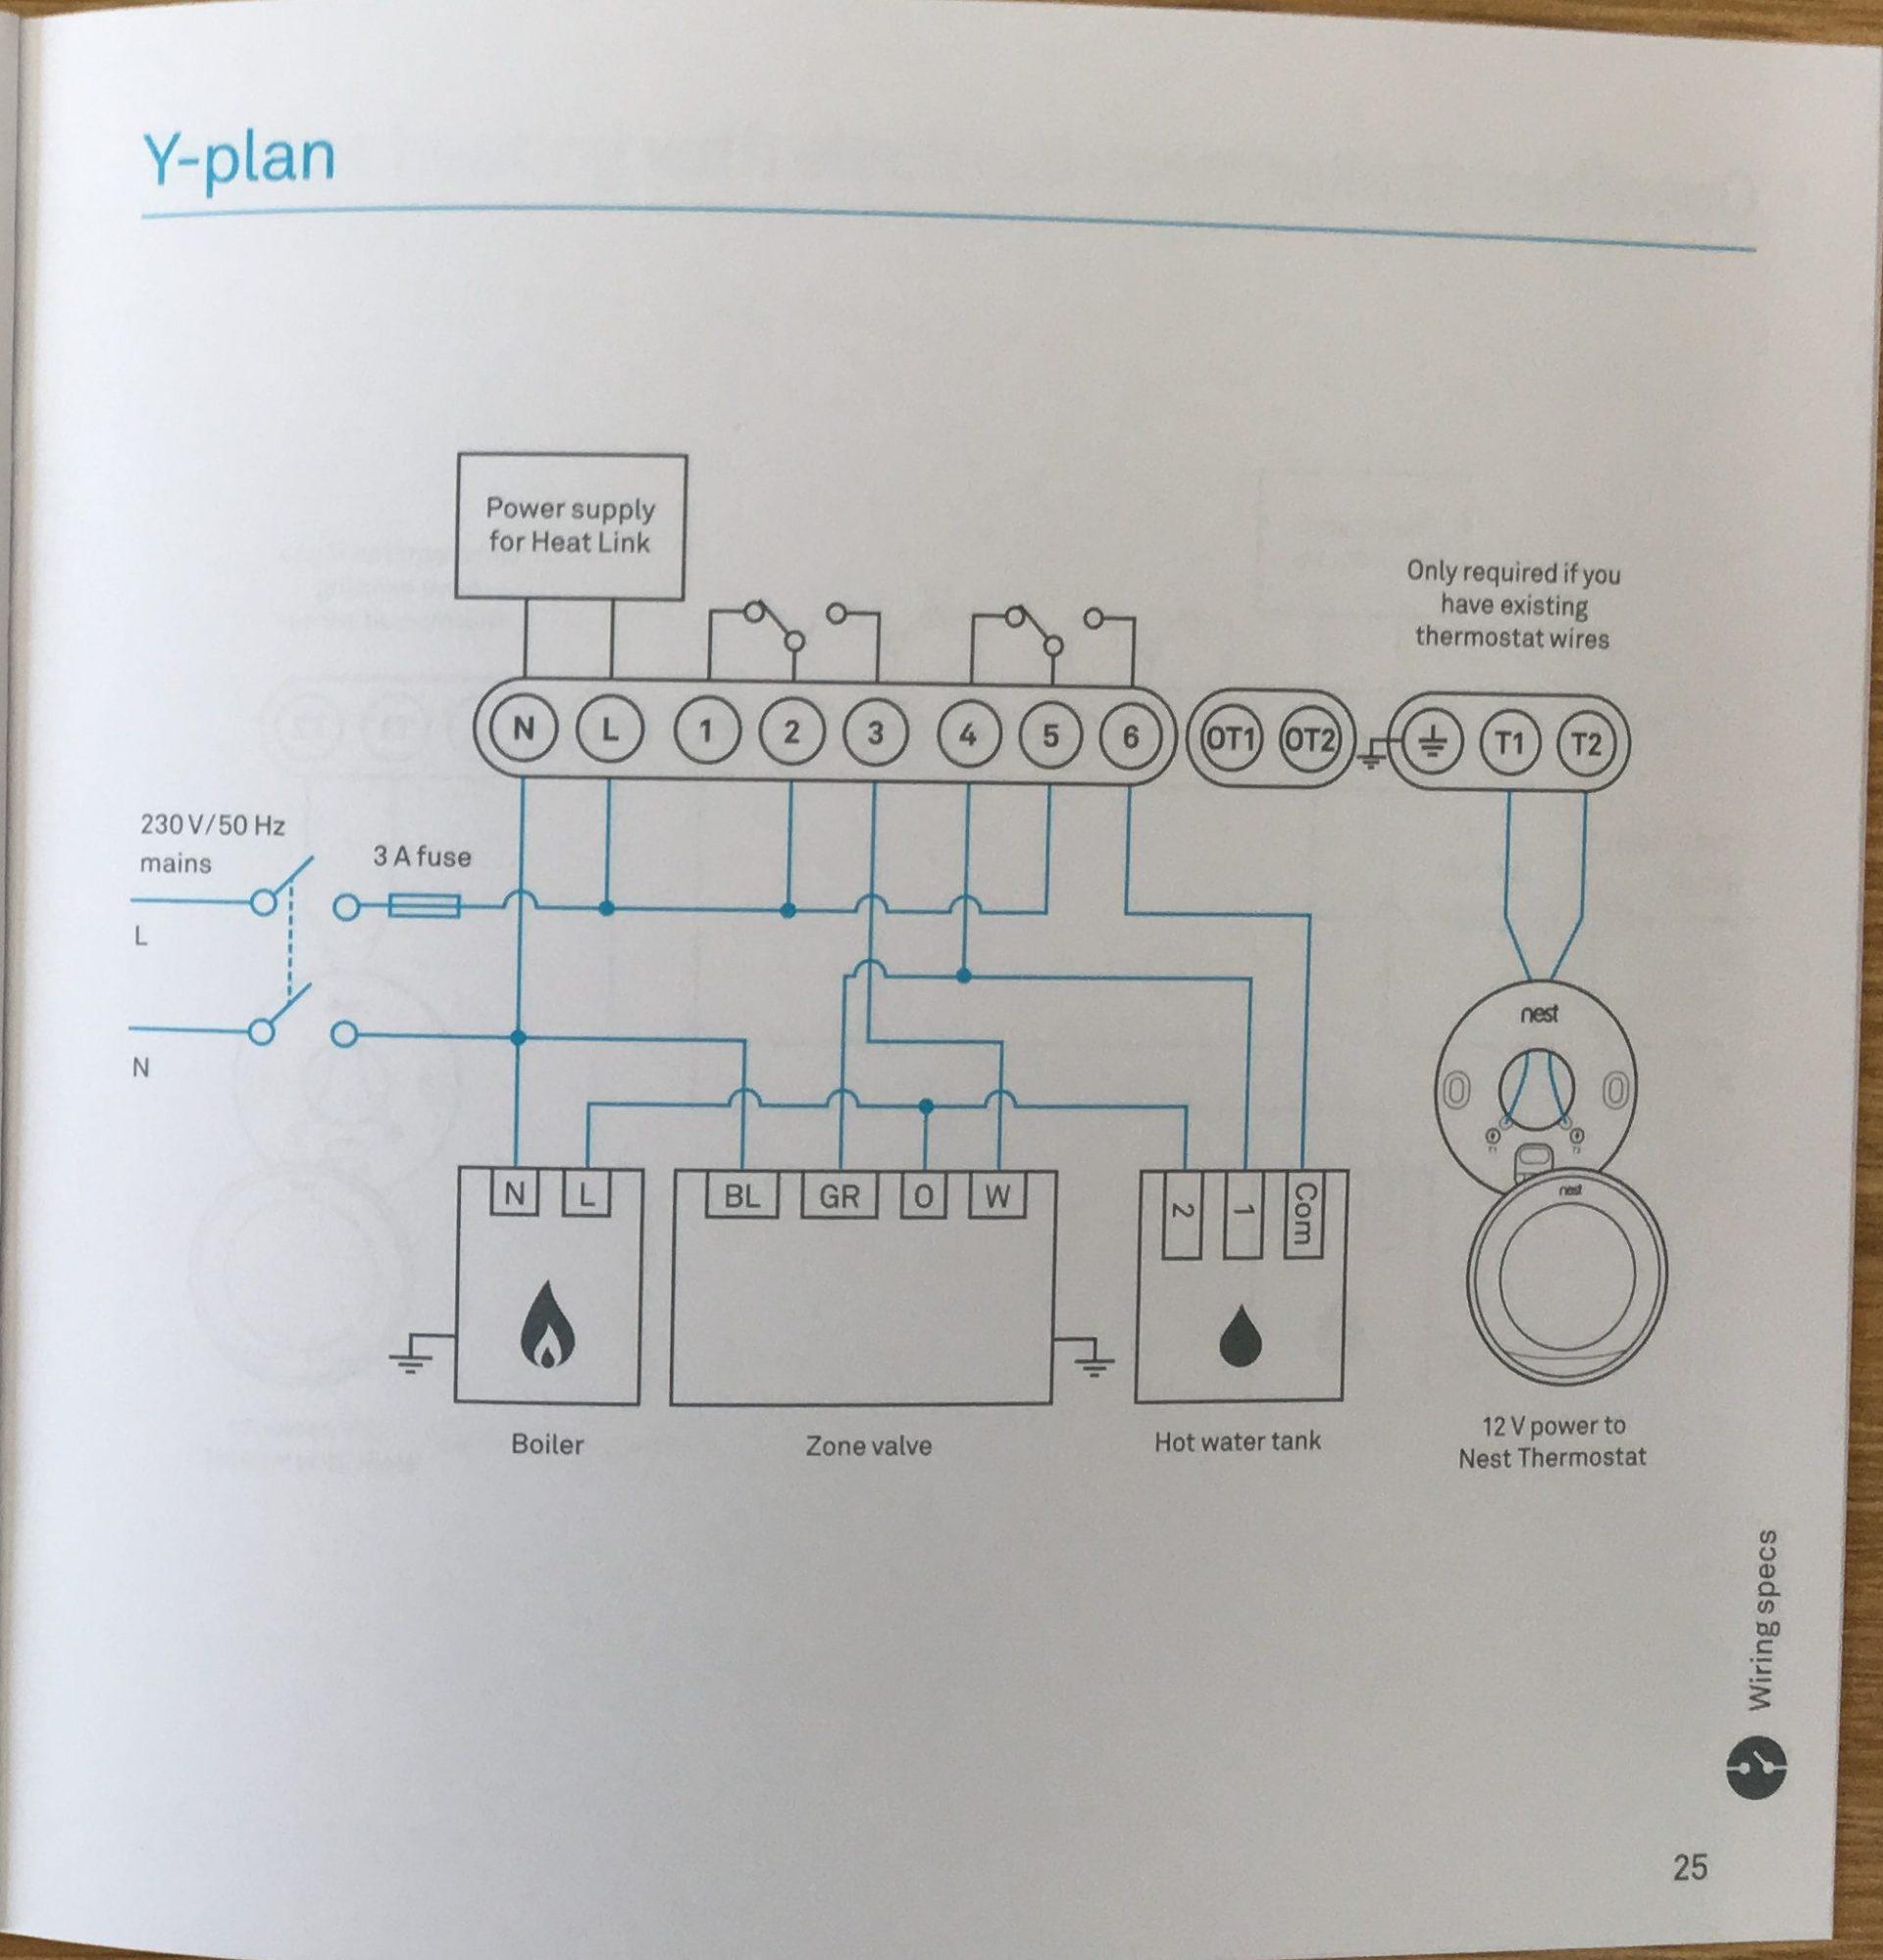 fk_7037] oil furnace wiring diagram for nest free diagram  ginia skat peted phae mohammedshrine librar wiring 101